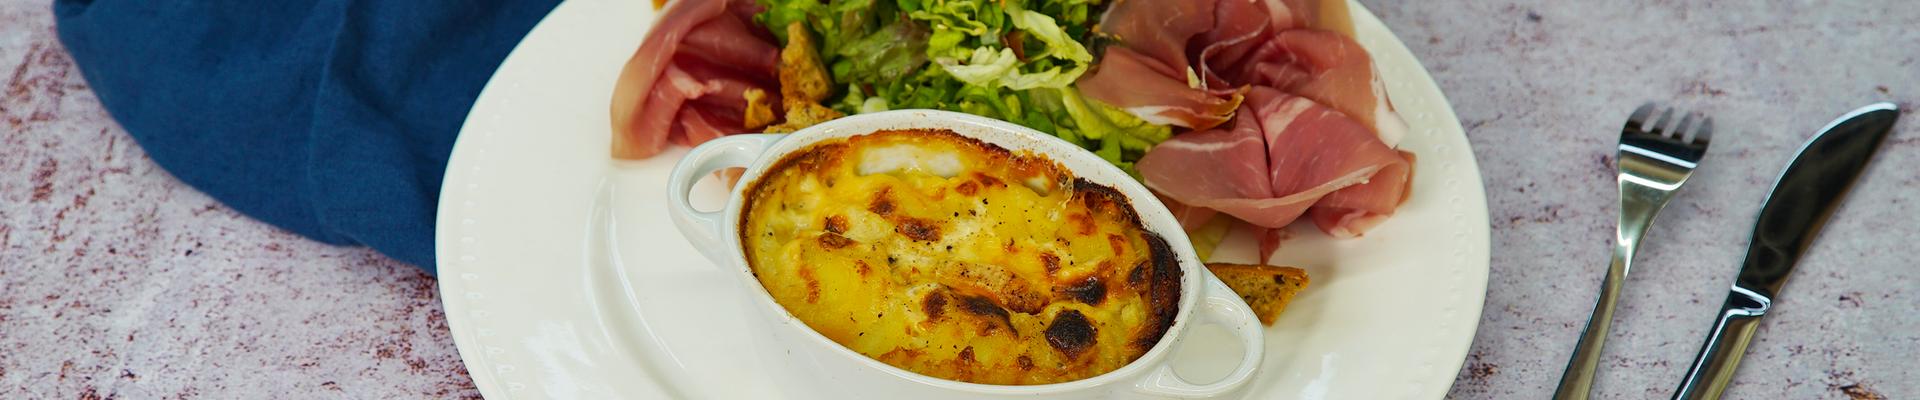 Cassolette de pommes de terre Laurette au Maroilles